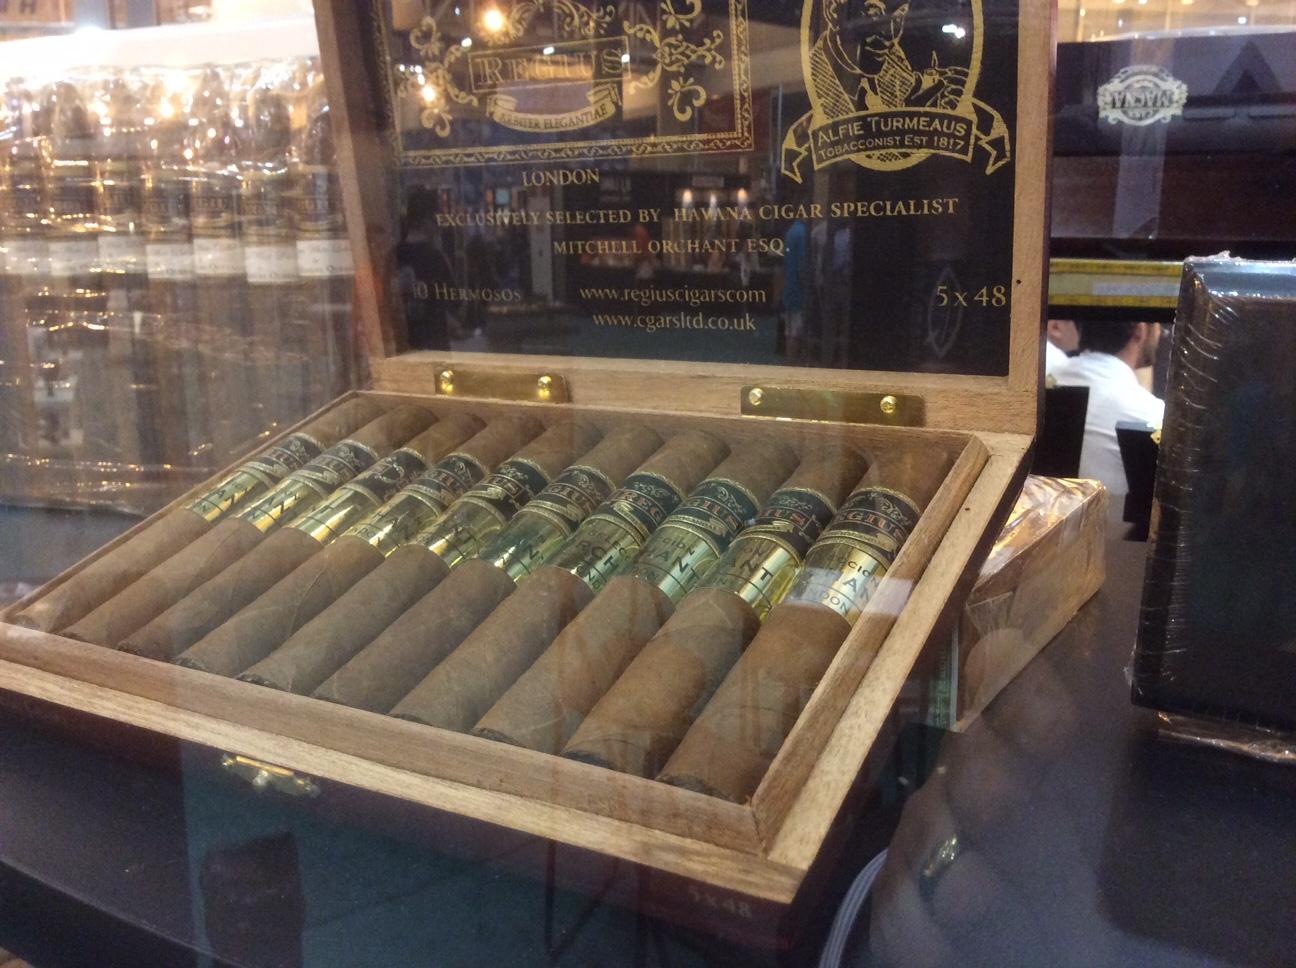 Cigar News: Regius Seleccion Orchant 2015 Edition Adds Hermoso